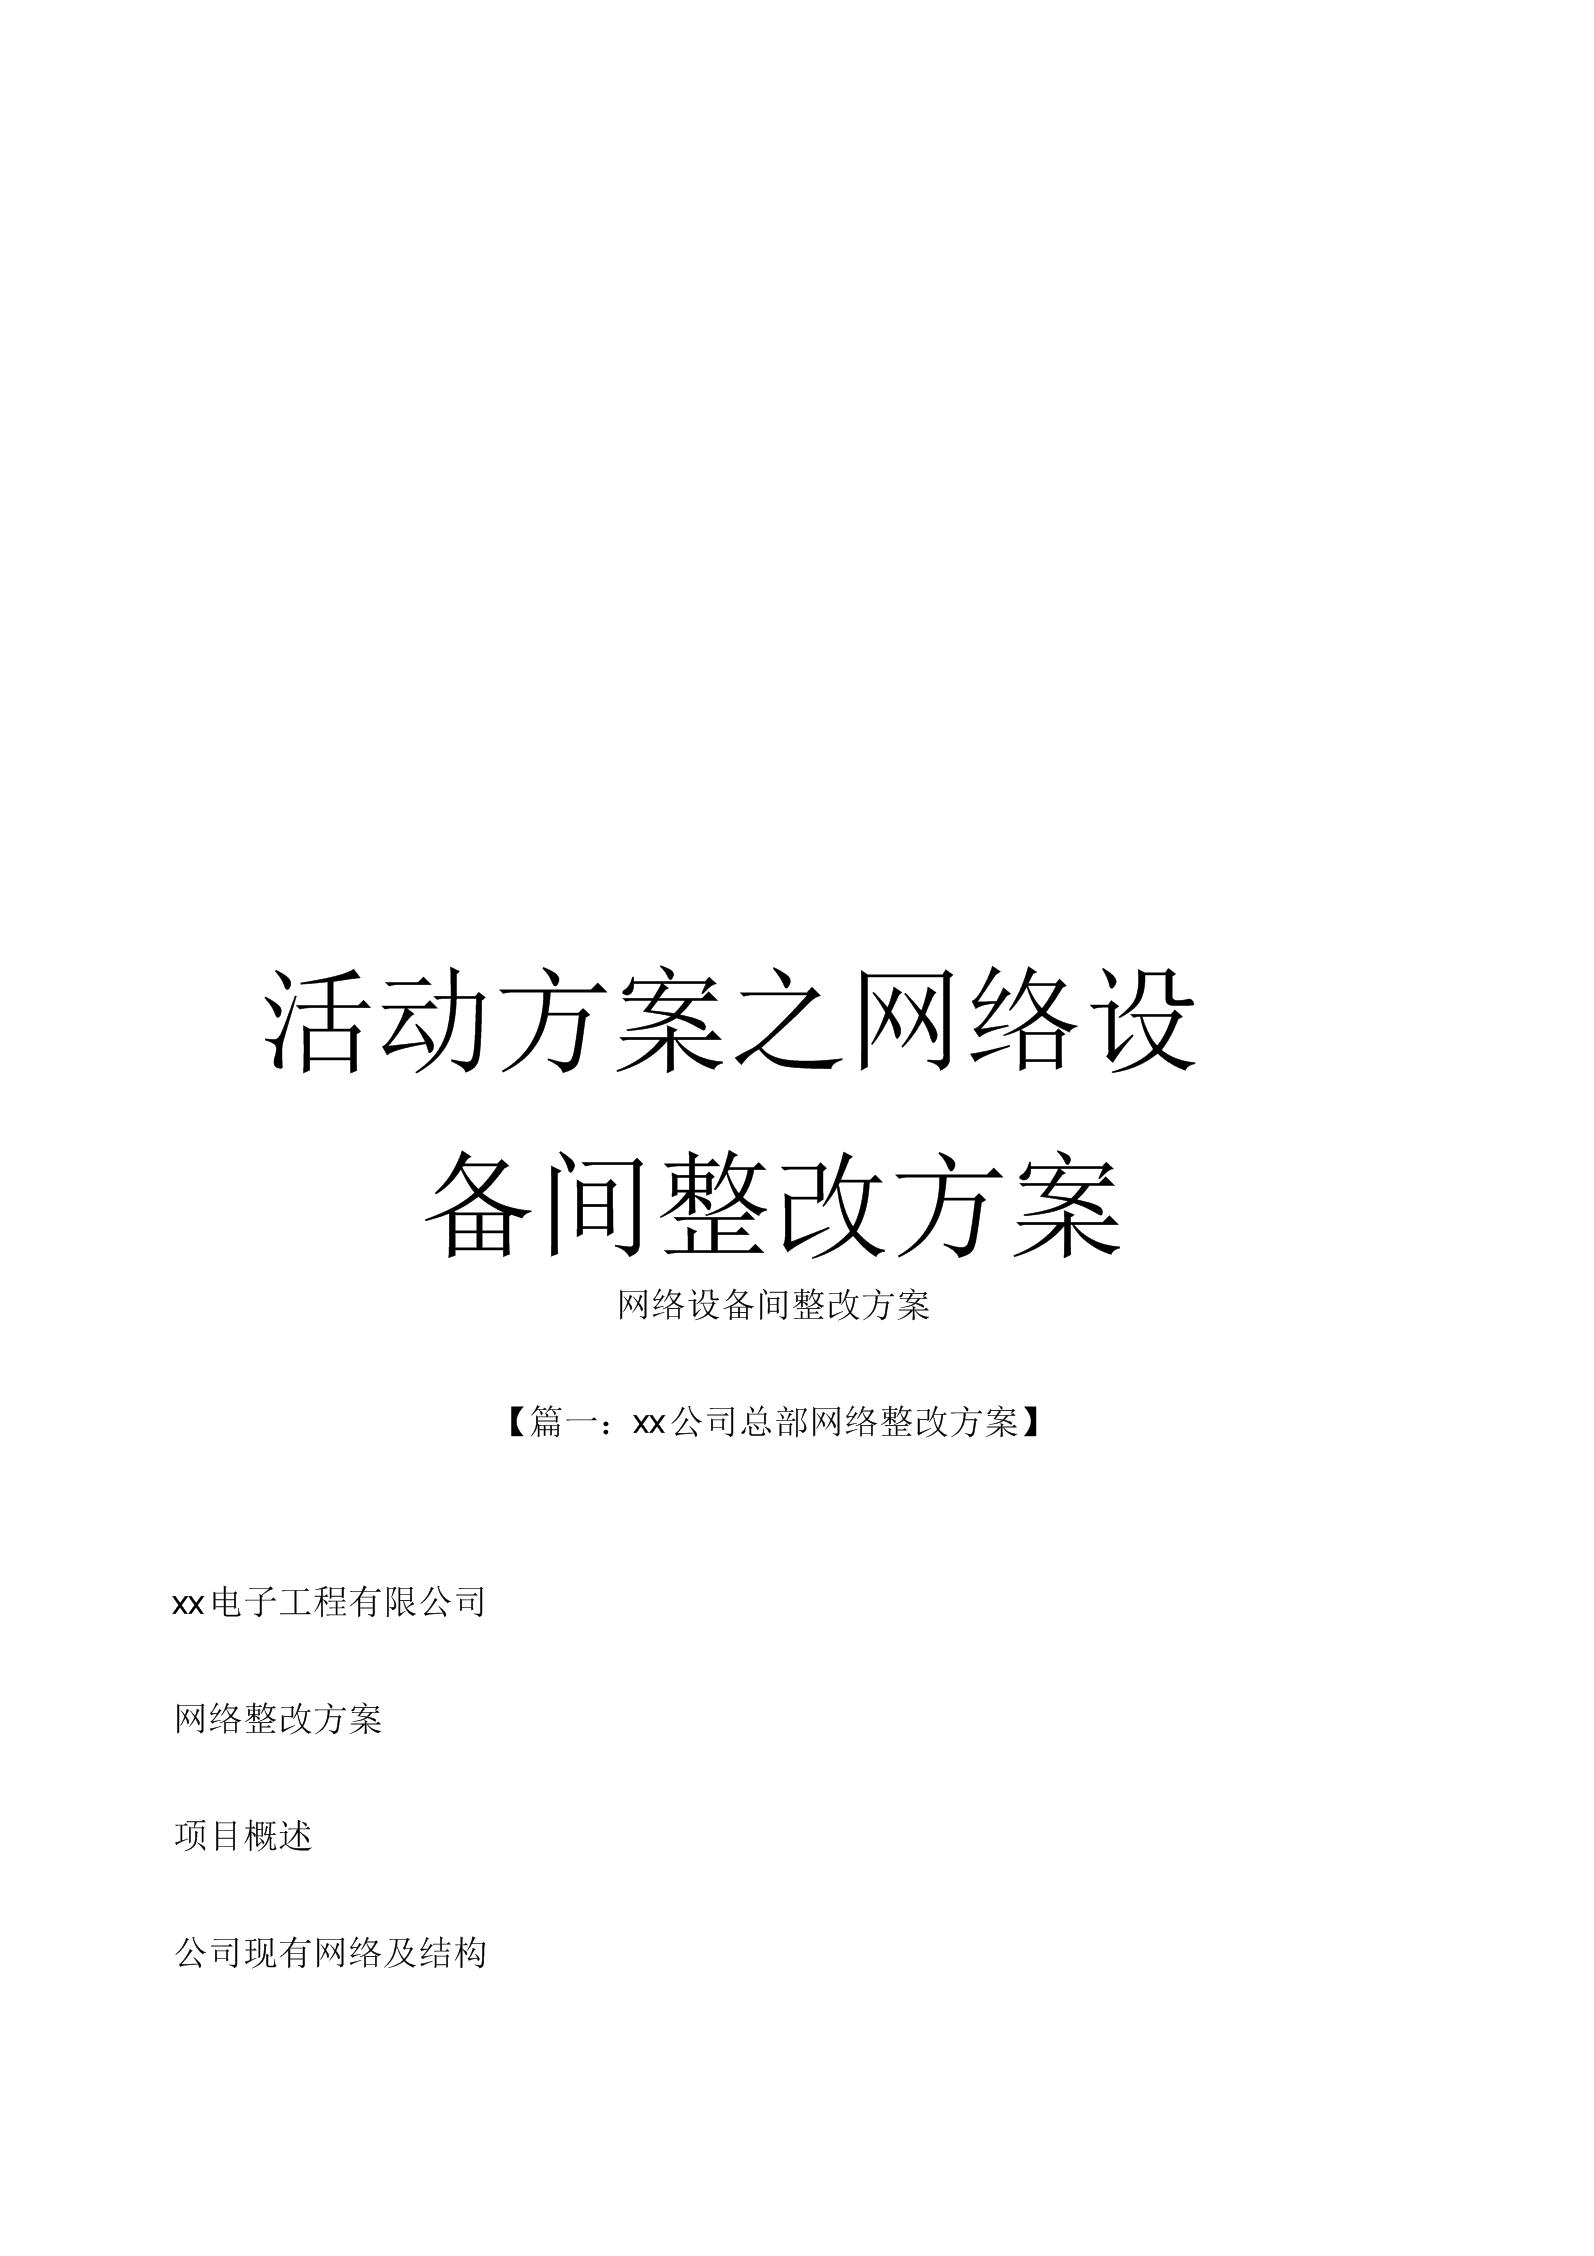 《活动方案之网络设备间整改方案》.docx